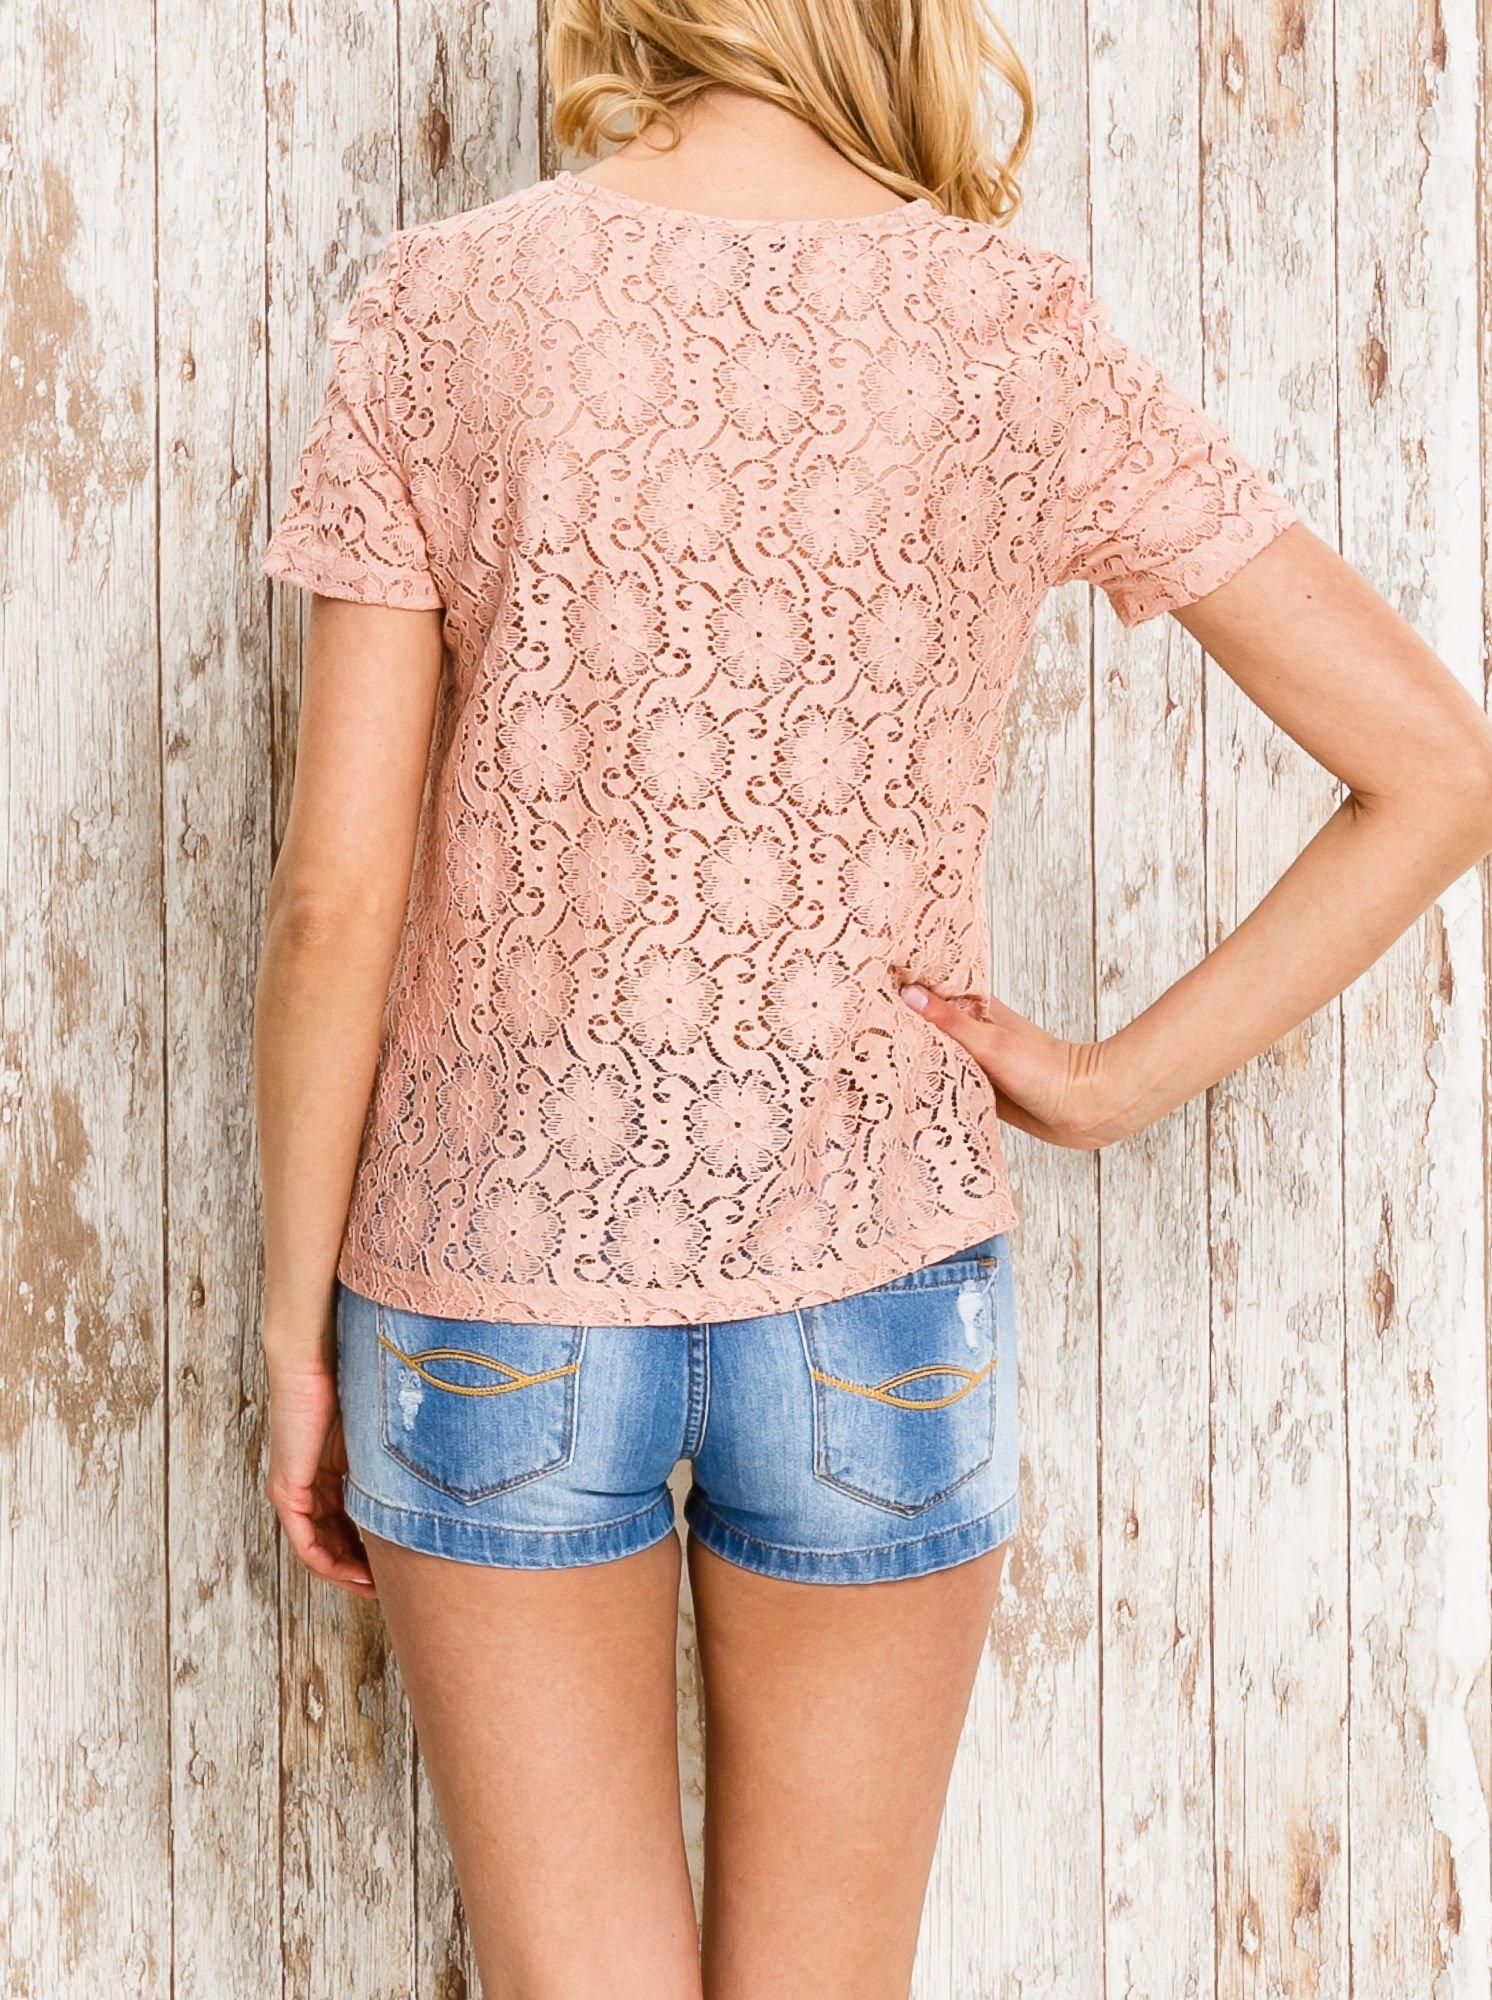 VERO MODA Różowy ażurowy t-shirt                                  zdj.                                  4